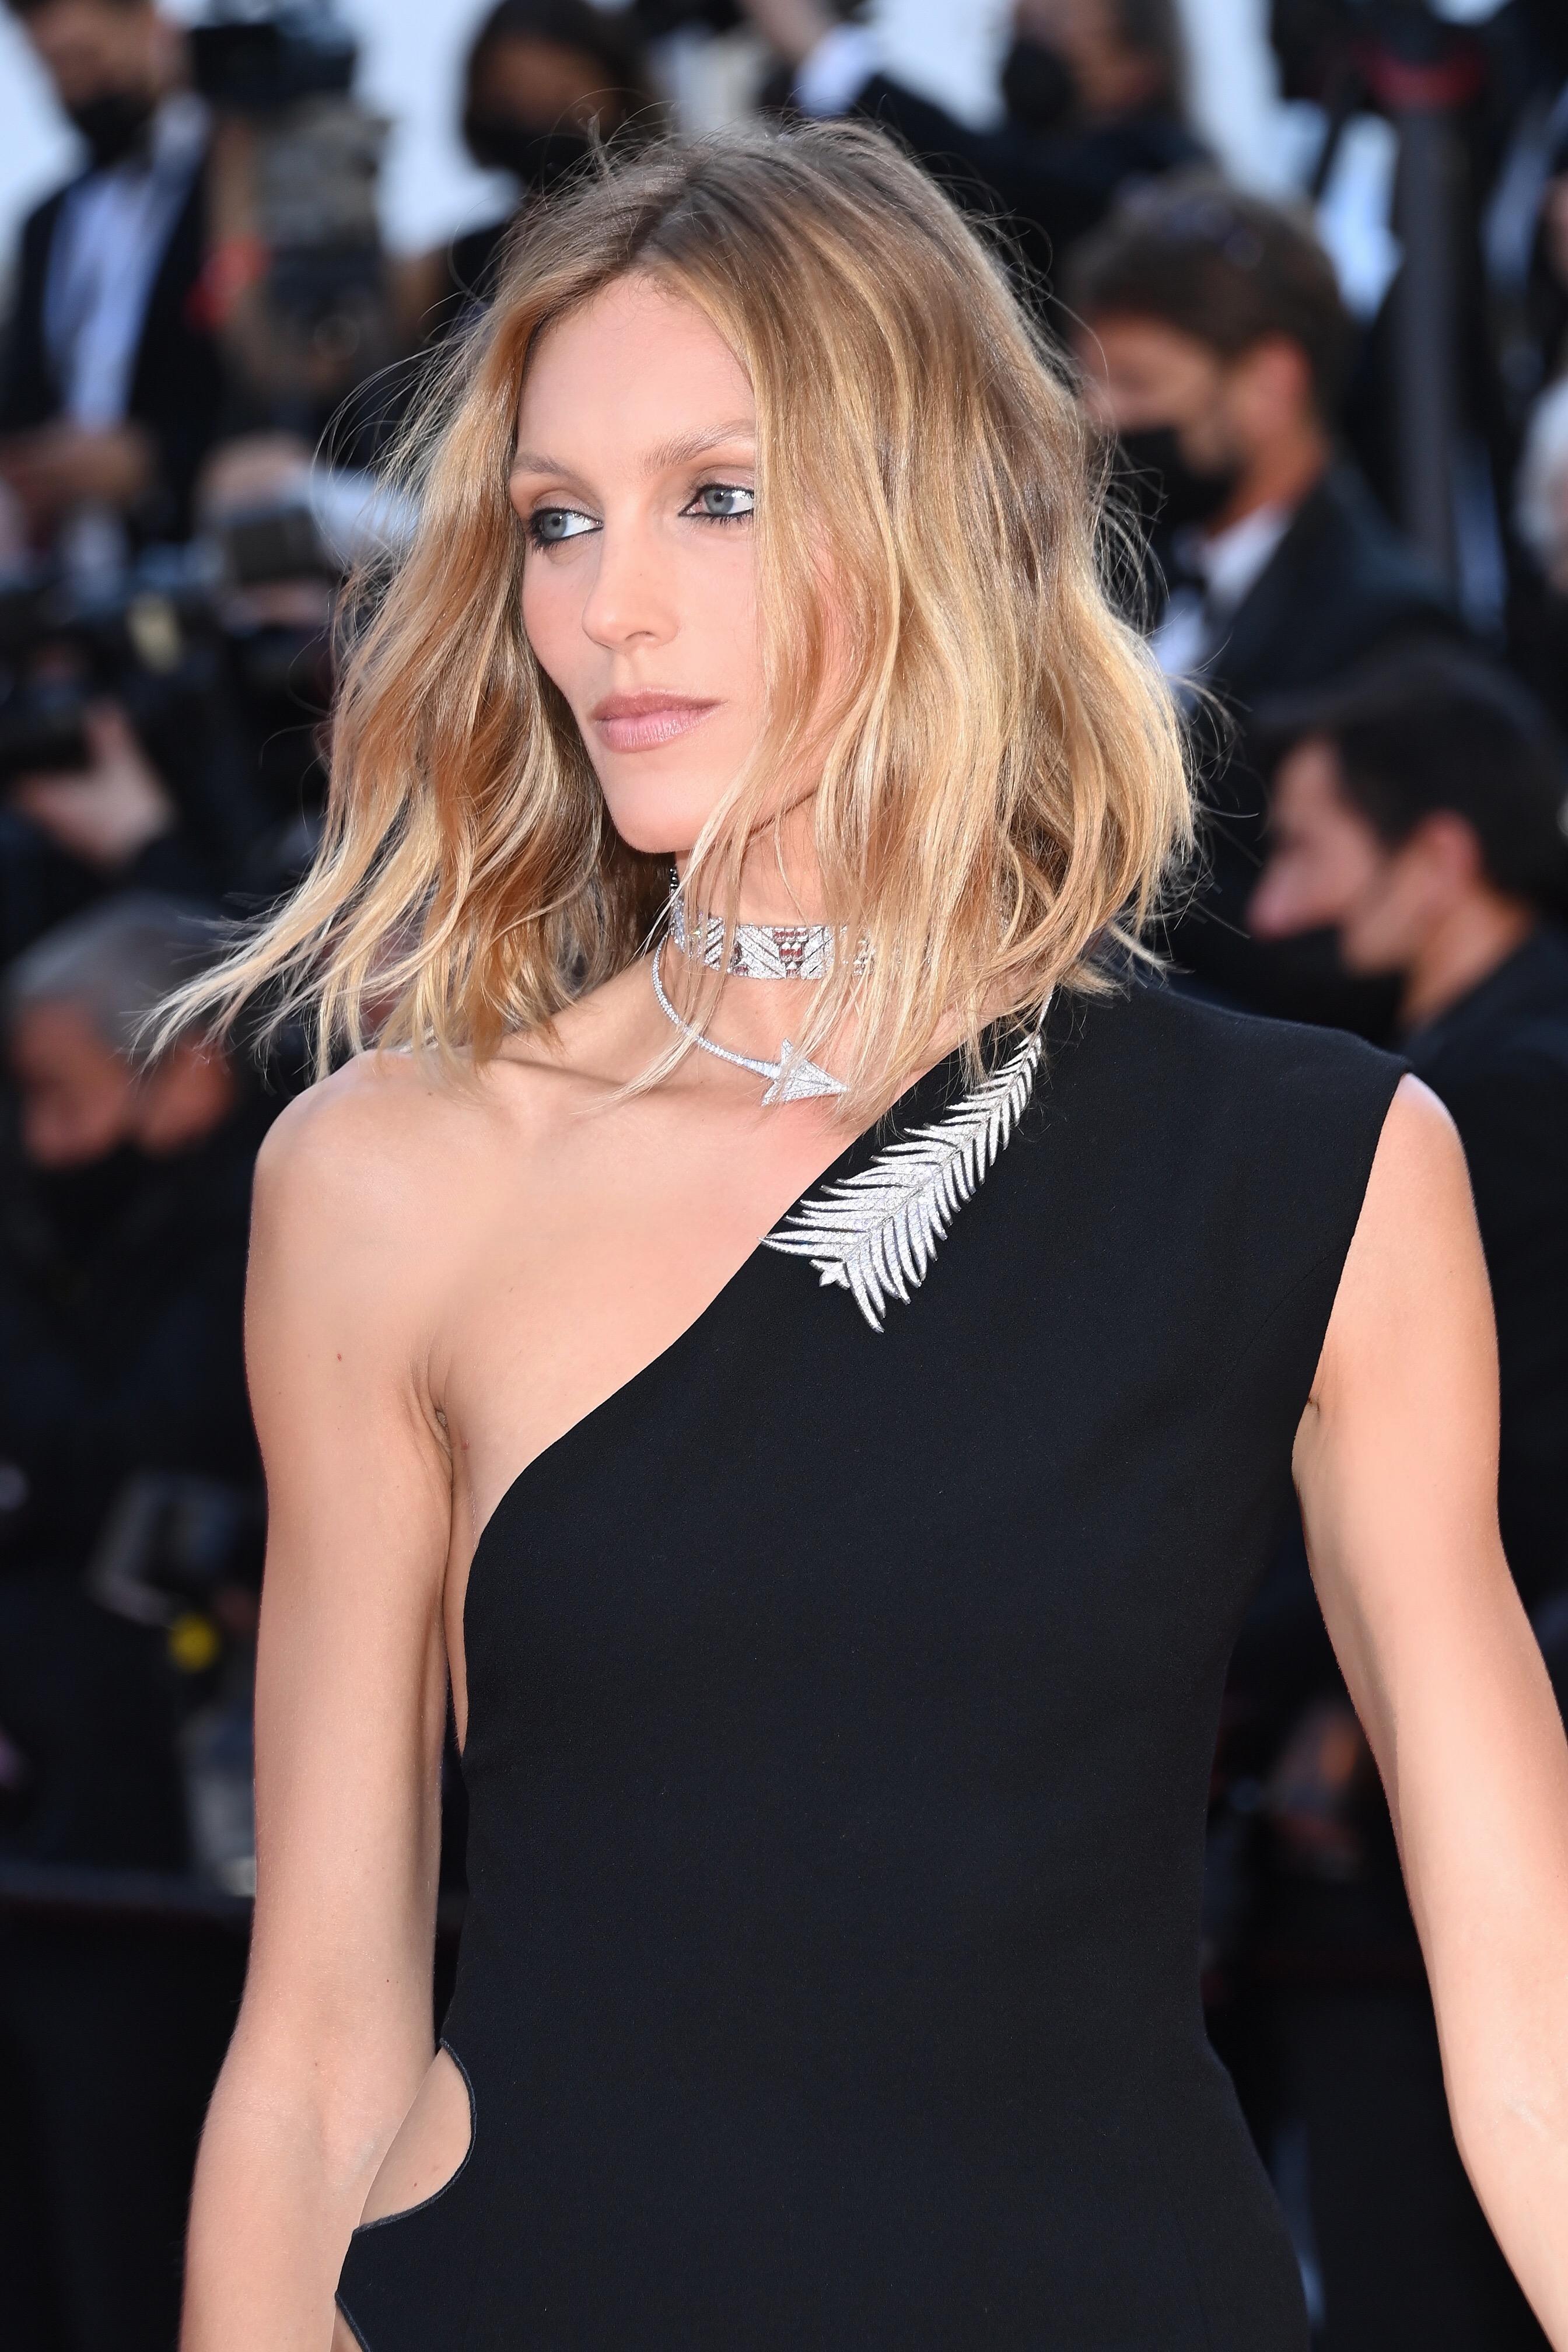 النجمة أنجا روبيك بمجوهرات من دار بوشرون Boucheron في مهرجان كان السينمائي 2021